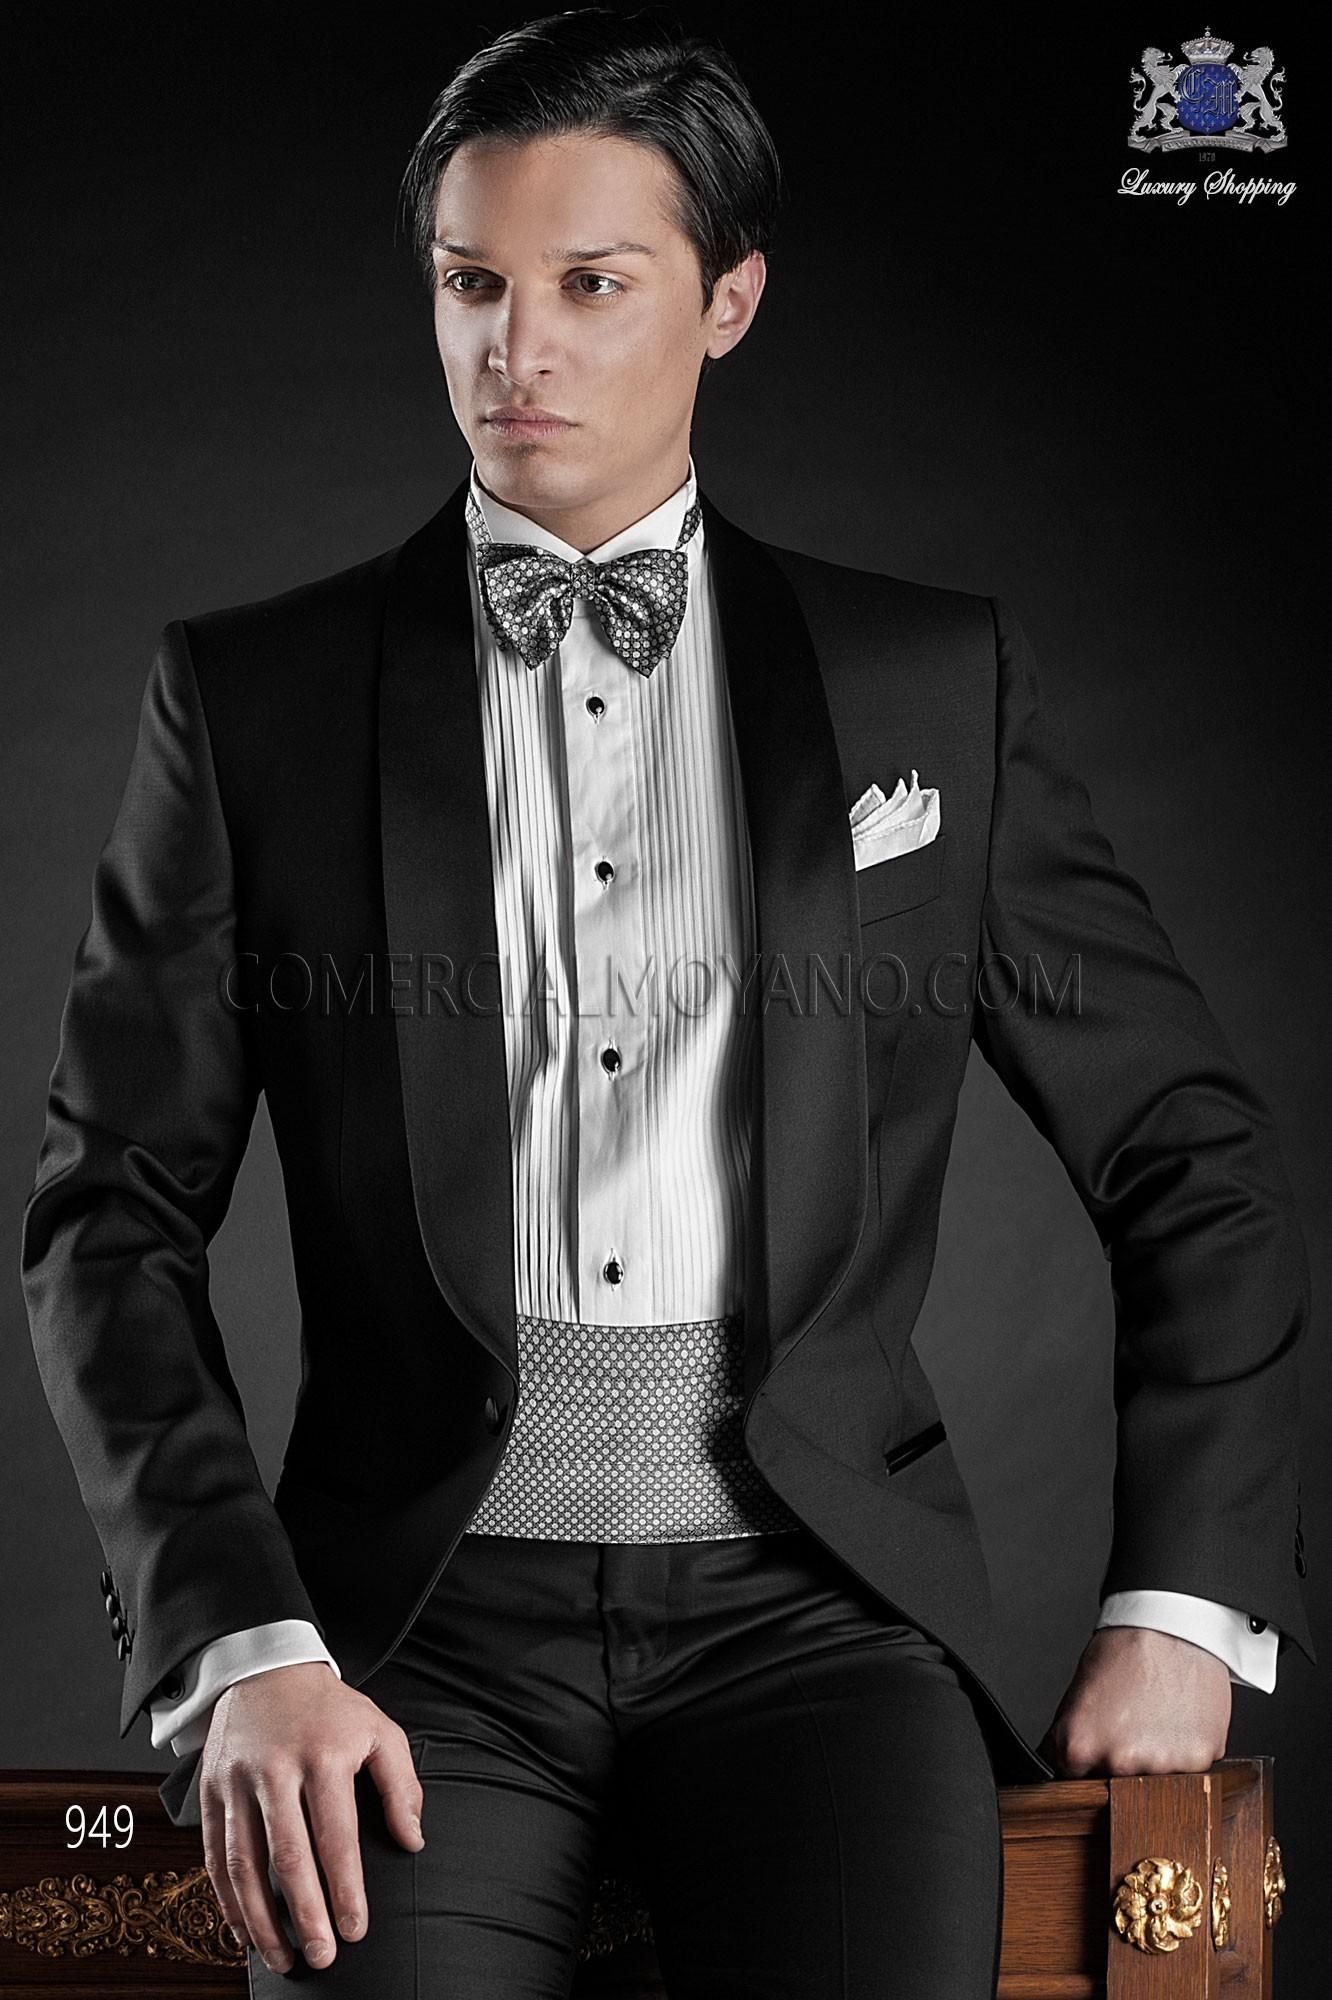 Traje de fiesta hombre negro modelo: 949 Ottavio Nuccio Gala colección Black Tie 2017